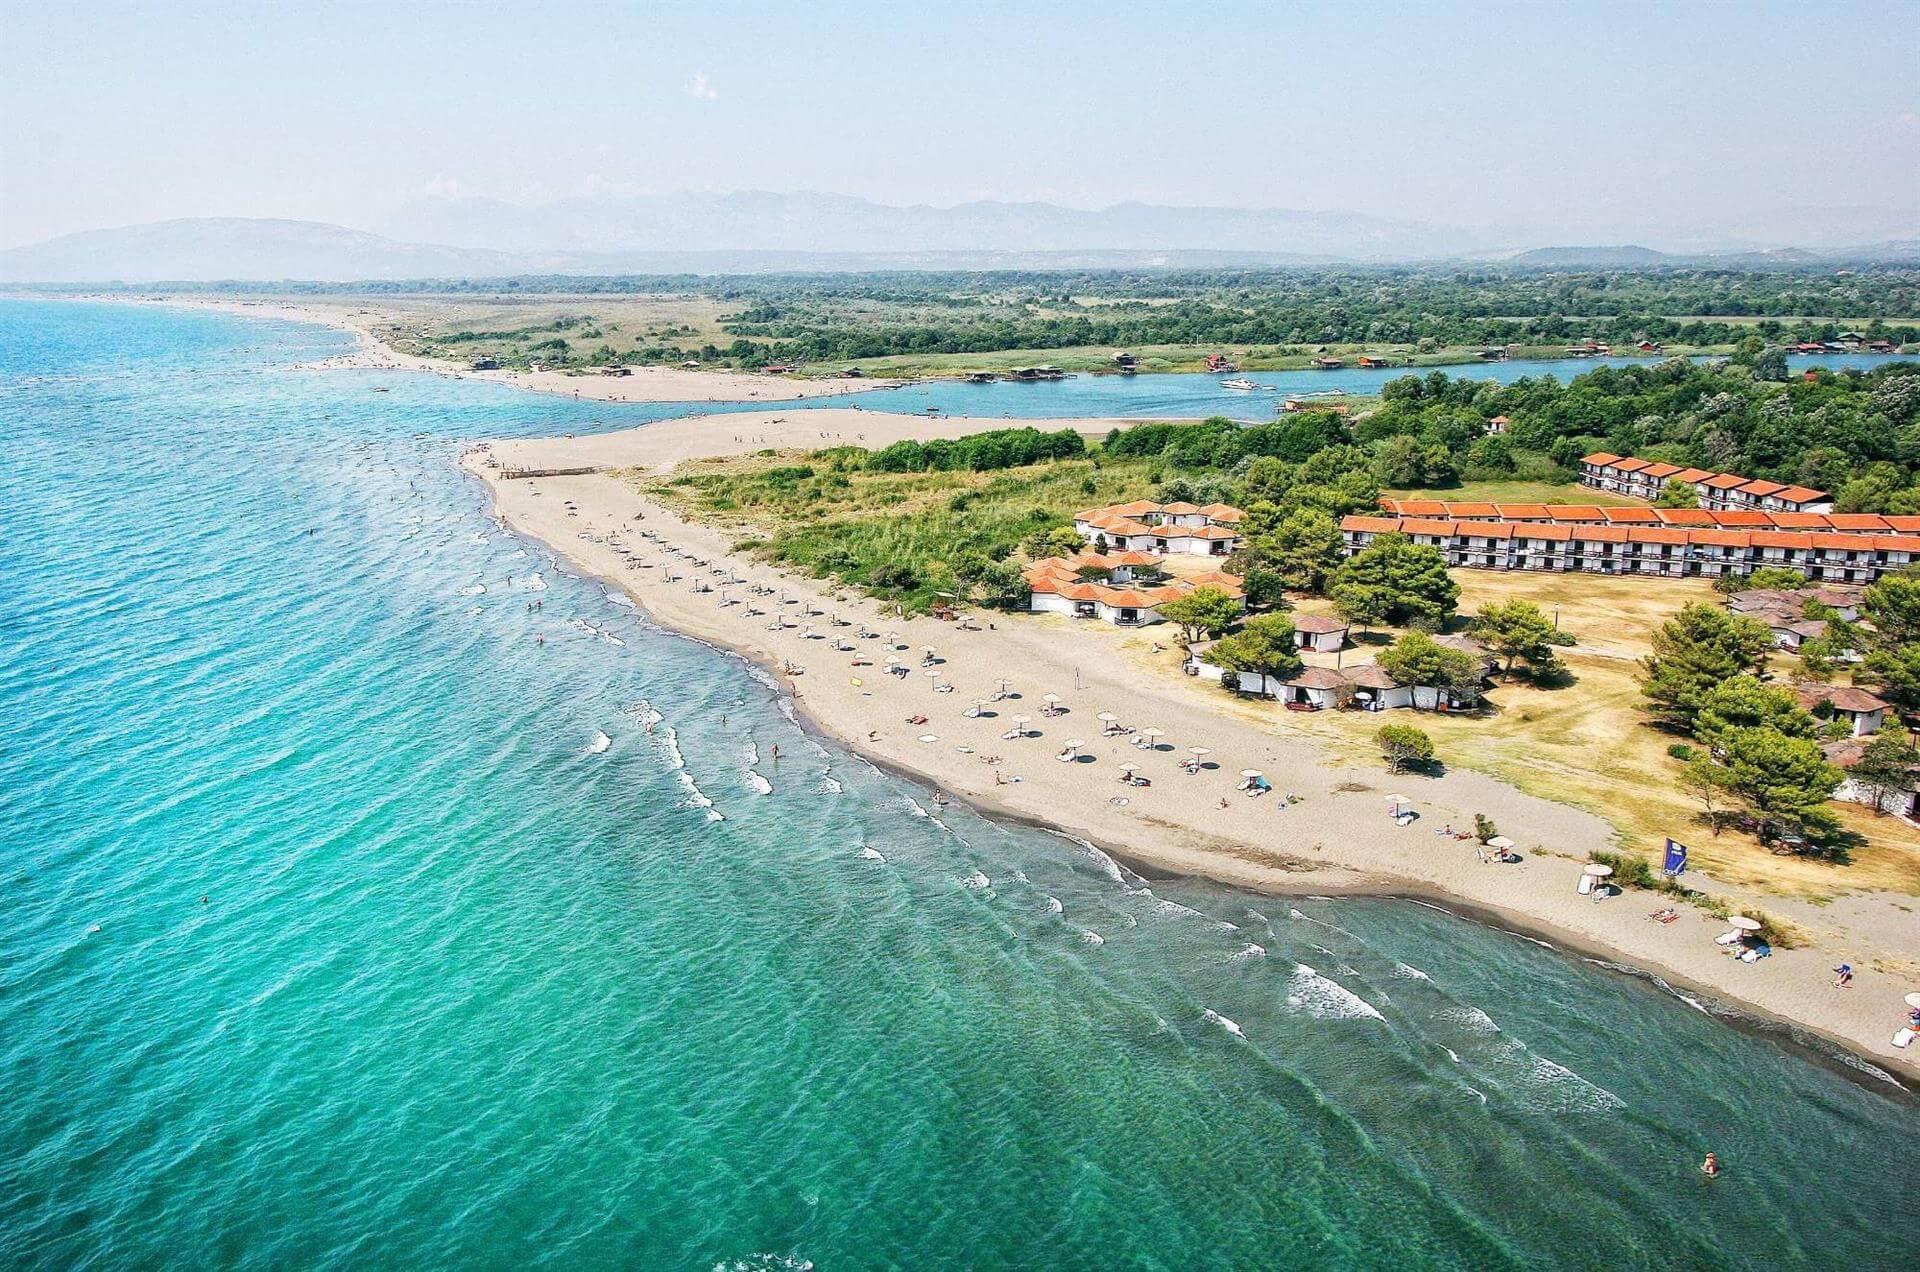 Пляж Ада Бояна. Нудистский пляж Ульциньской ривьеры